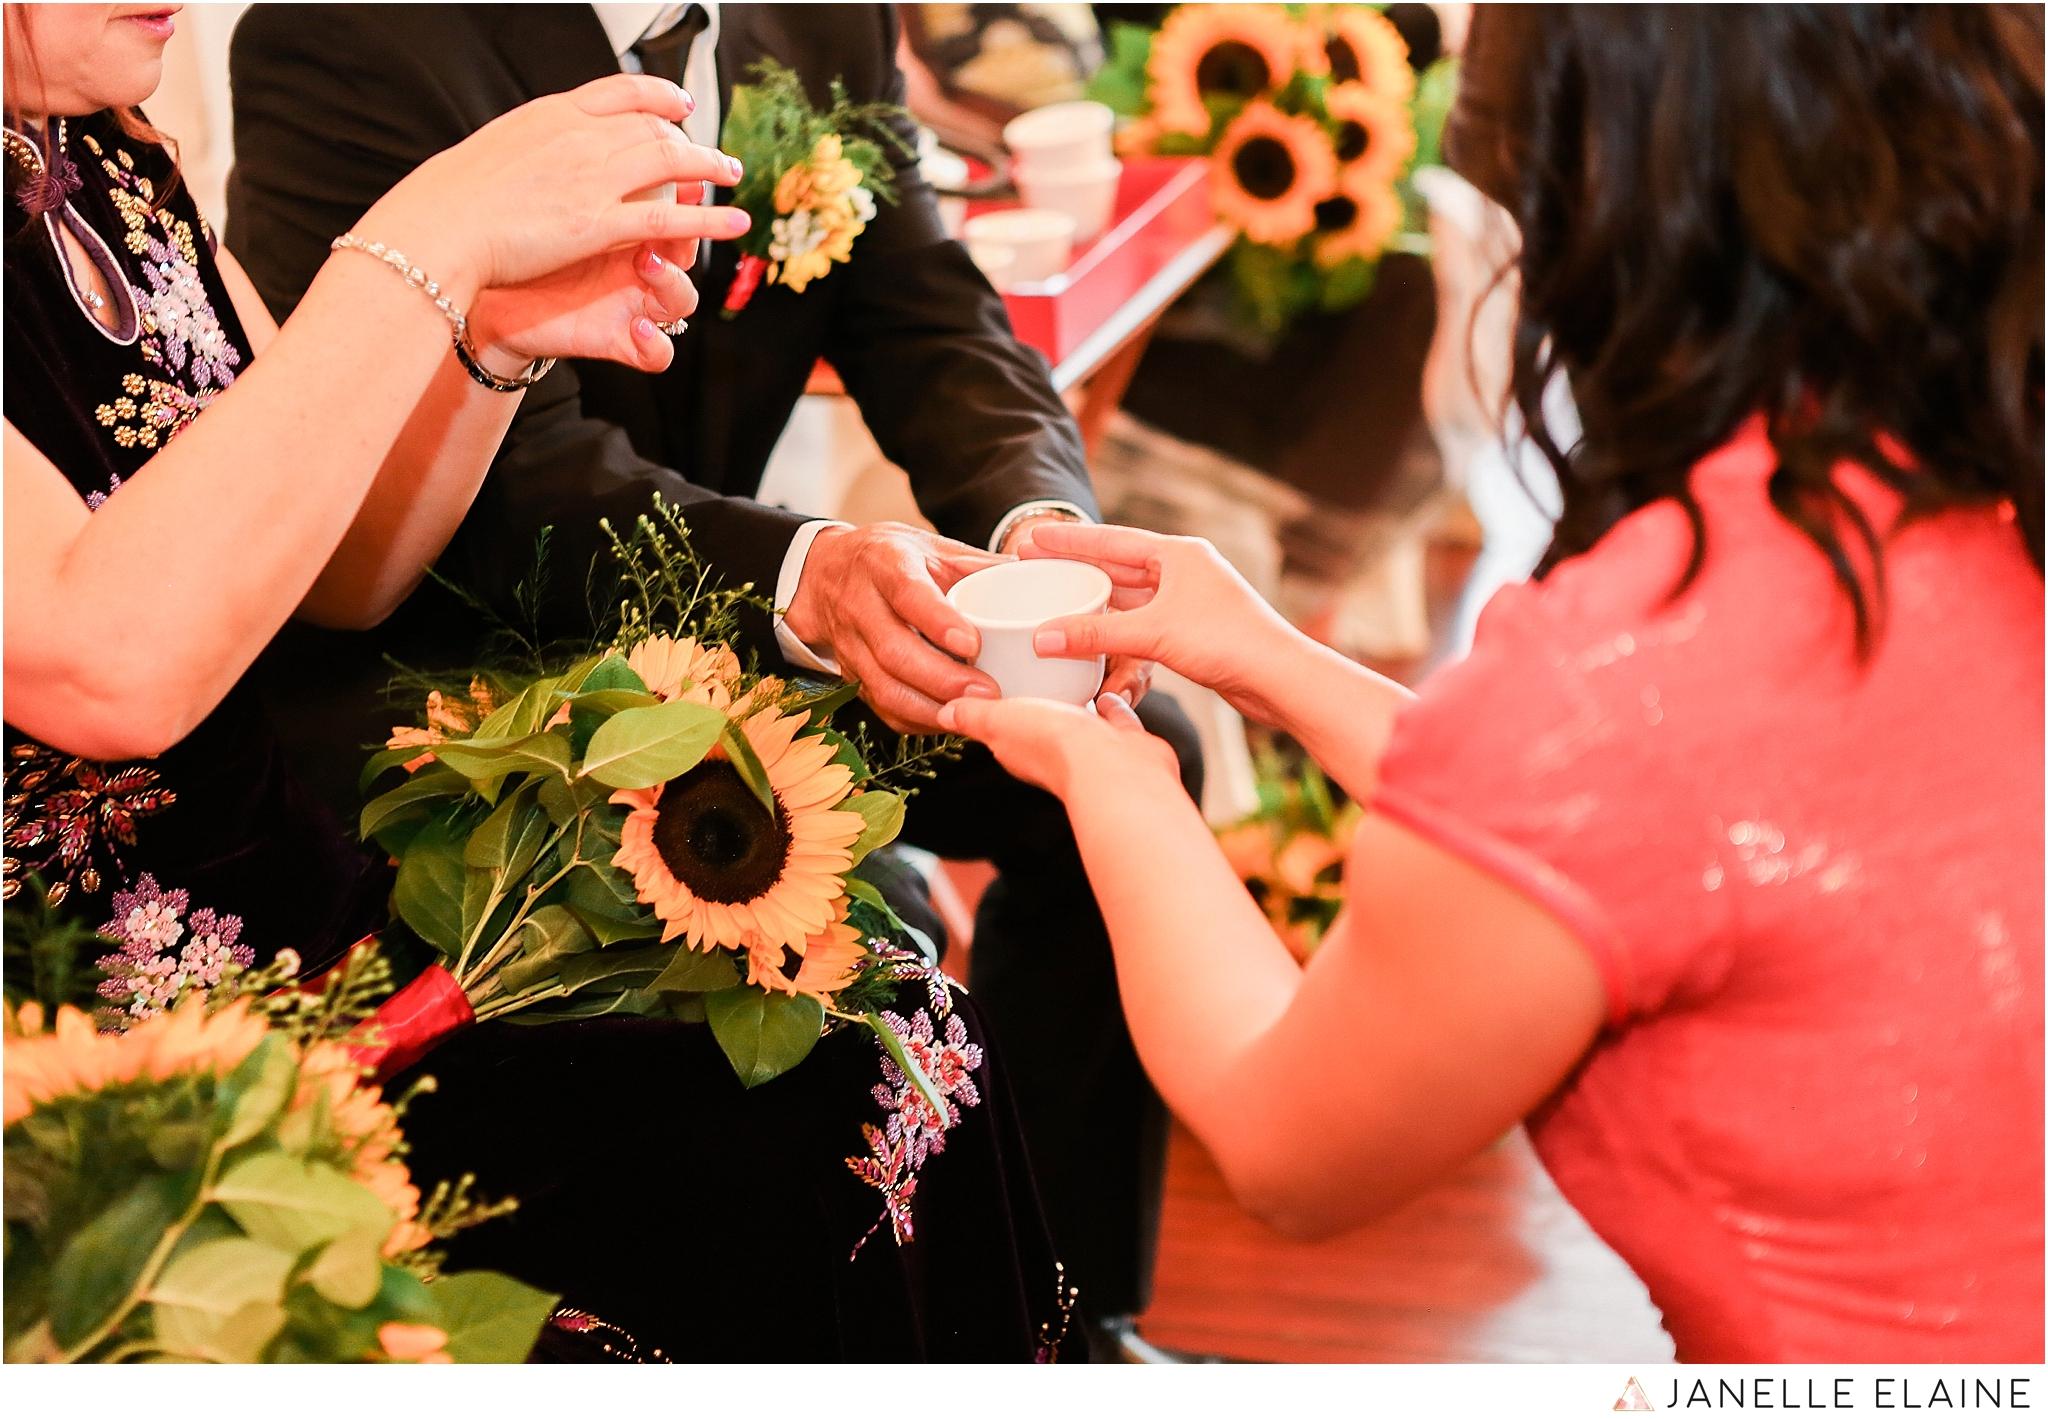 janelle elaine photography-professional wedding photographer seattle--128.jpg